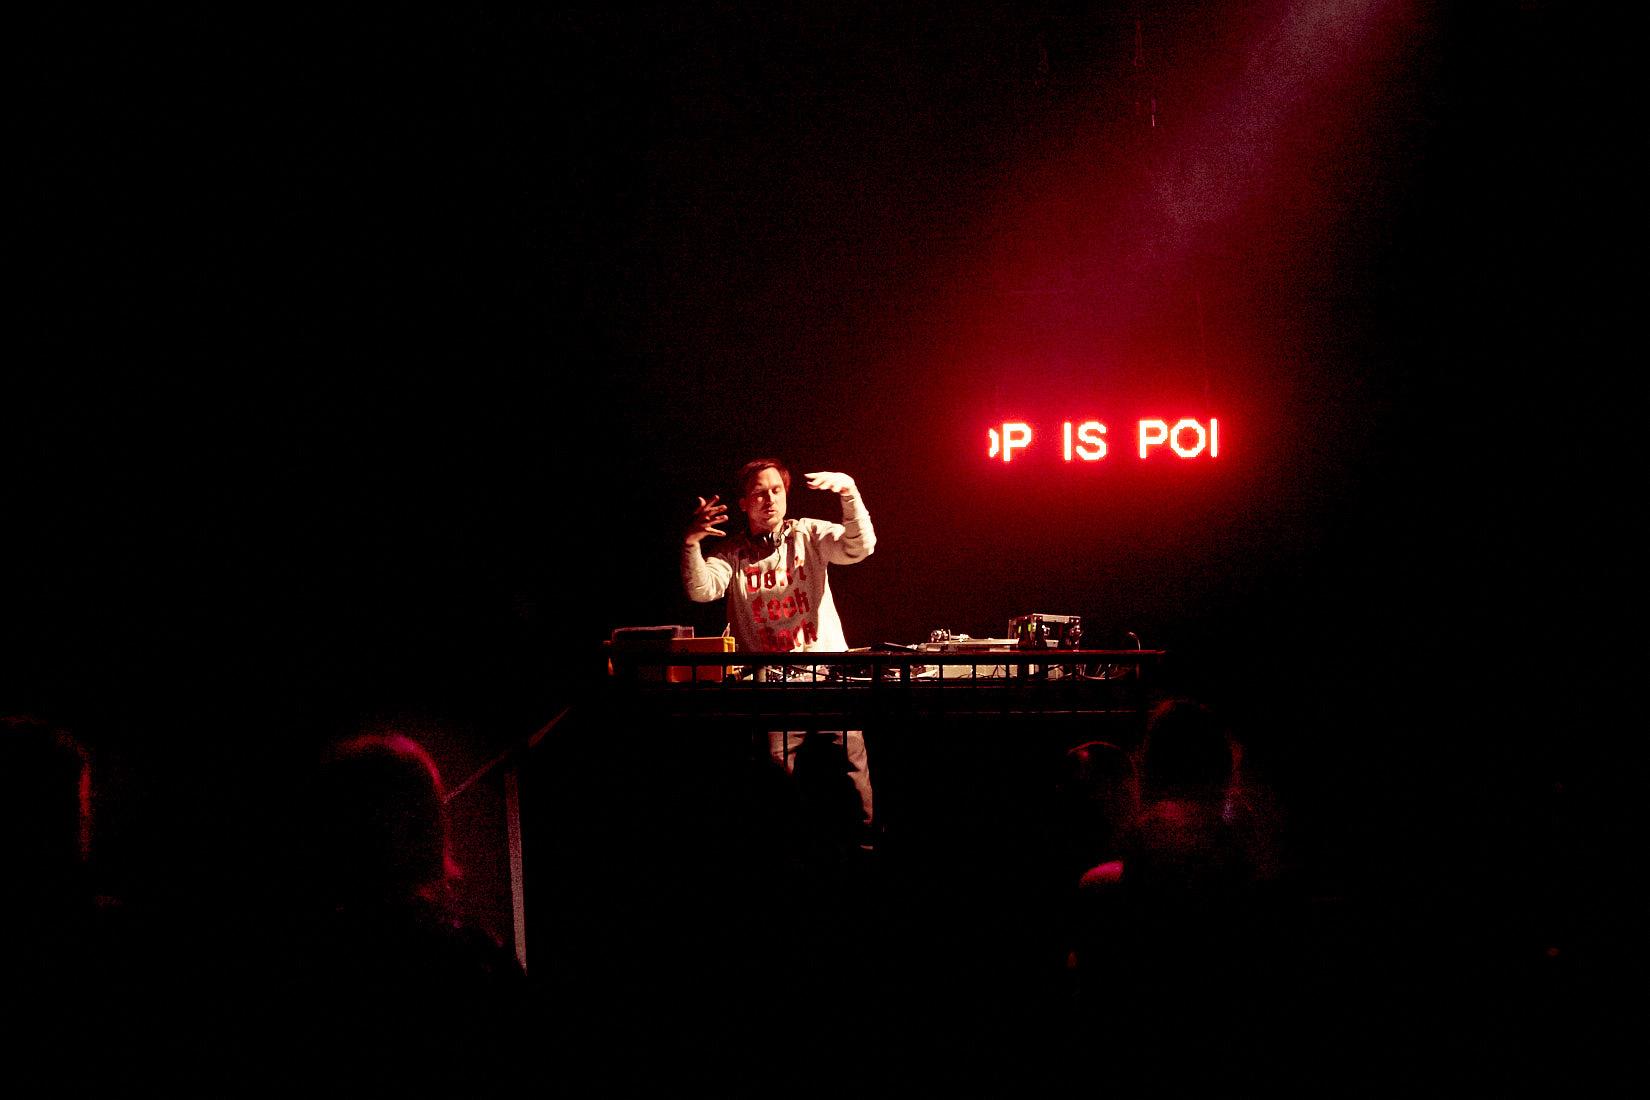 Lars Eidinger als DJ auf der Bühne im Haus der Berliner Festspiele. Foto (c) Judith Buss